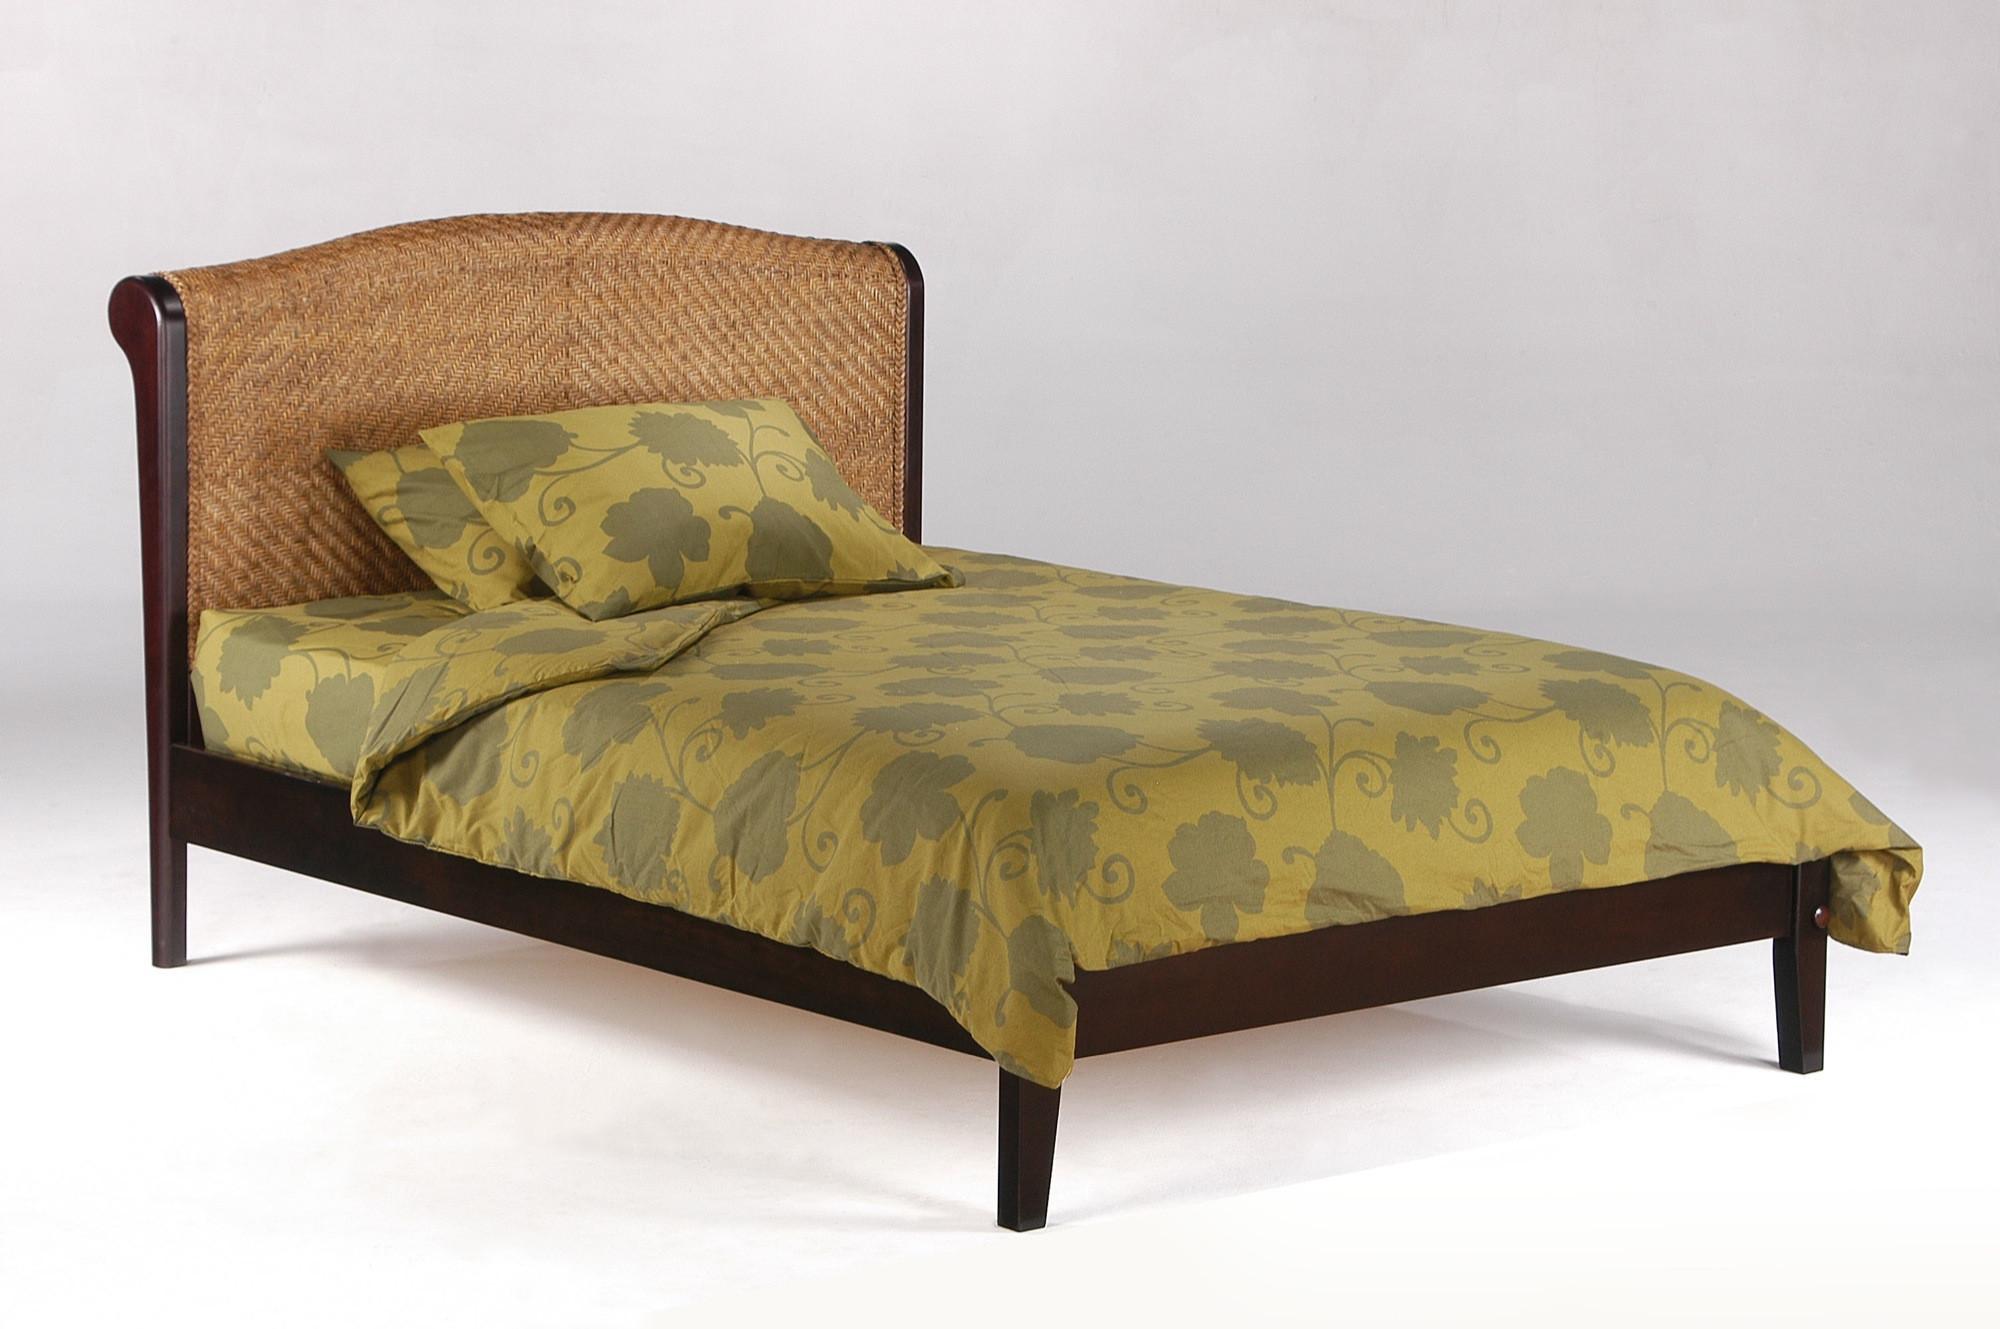 rosebud bed full honey glaze w basic footboard.jpg